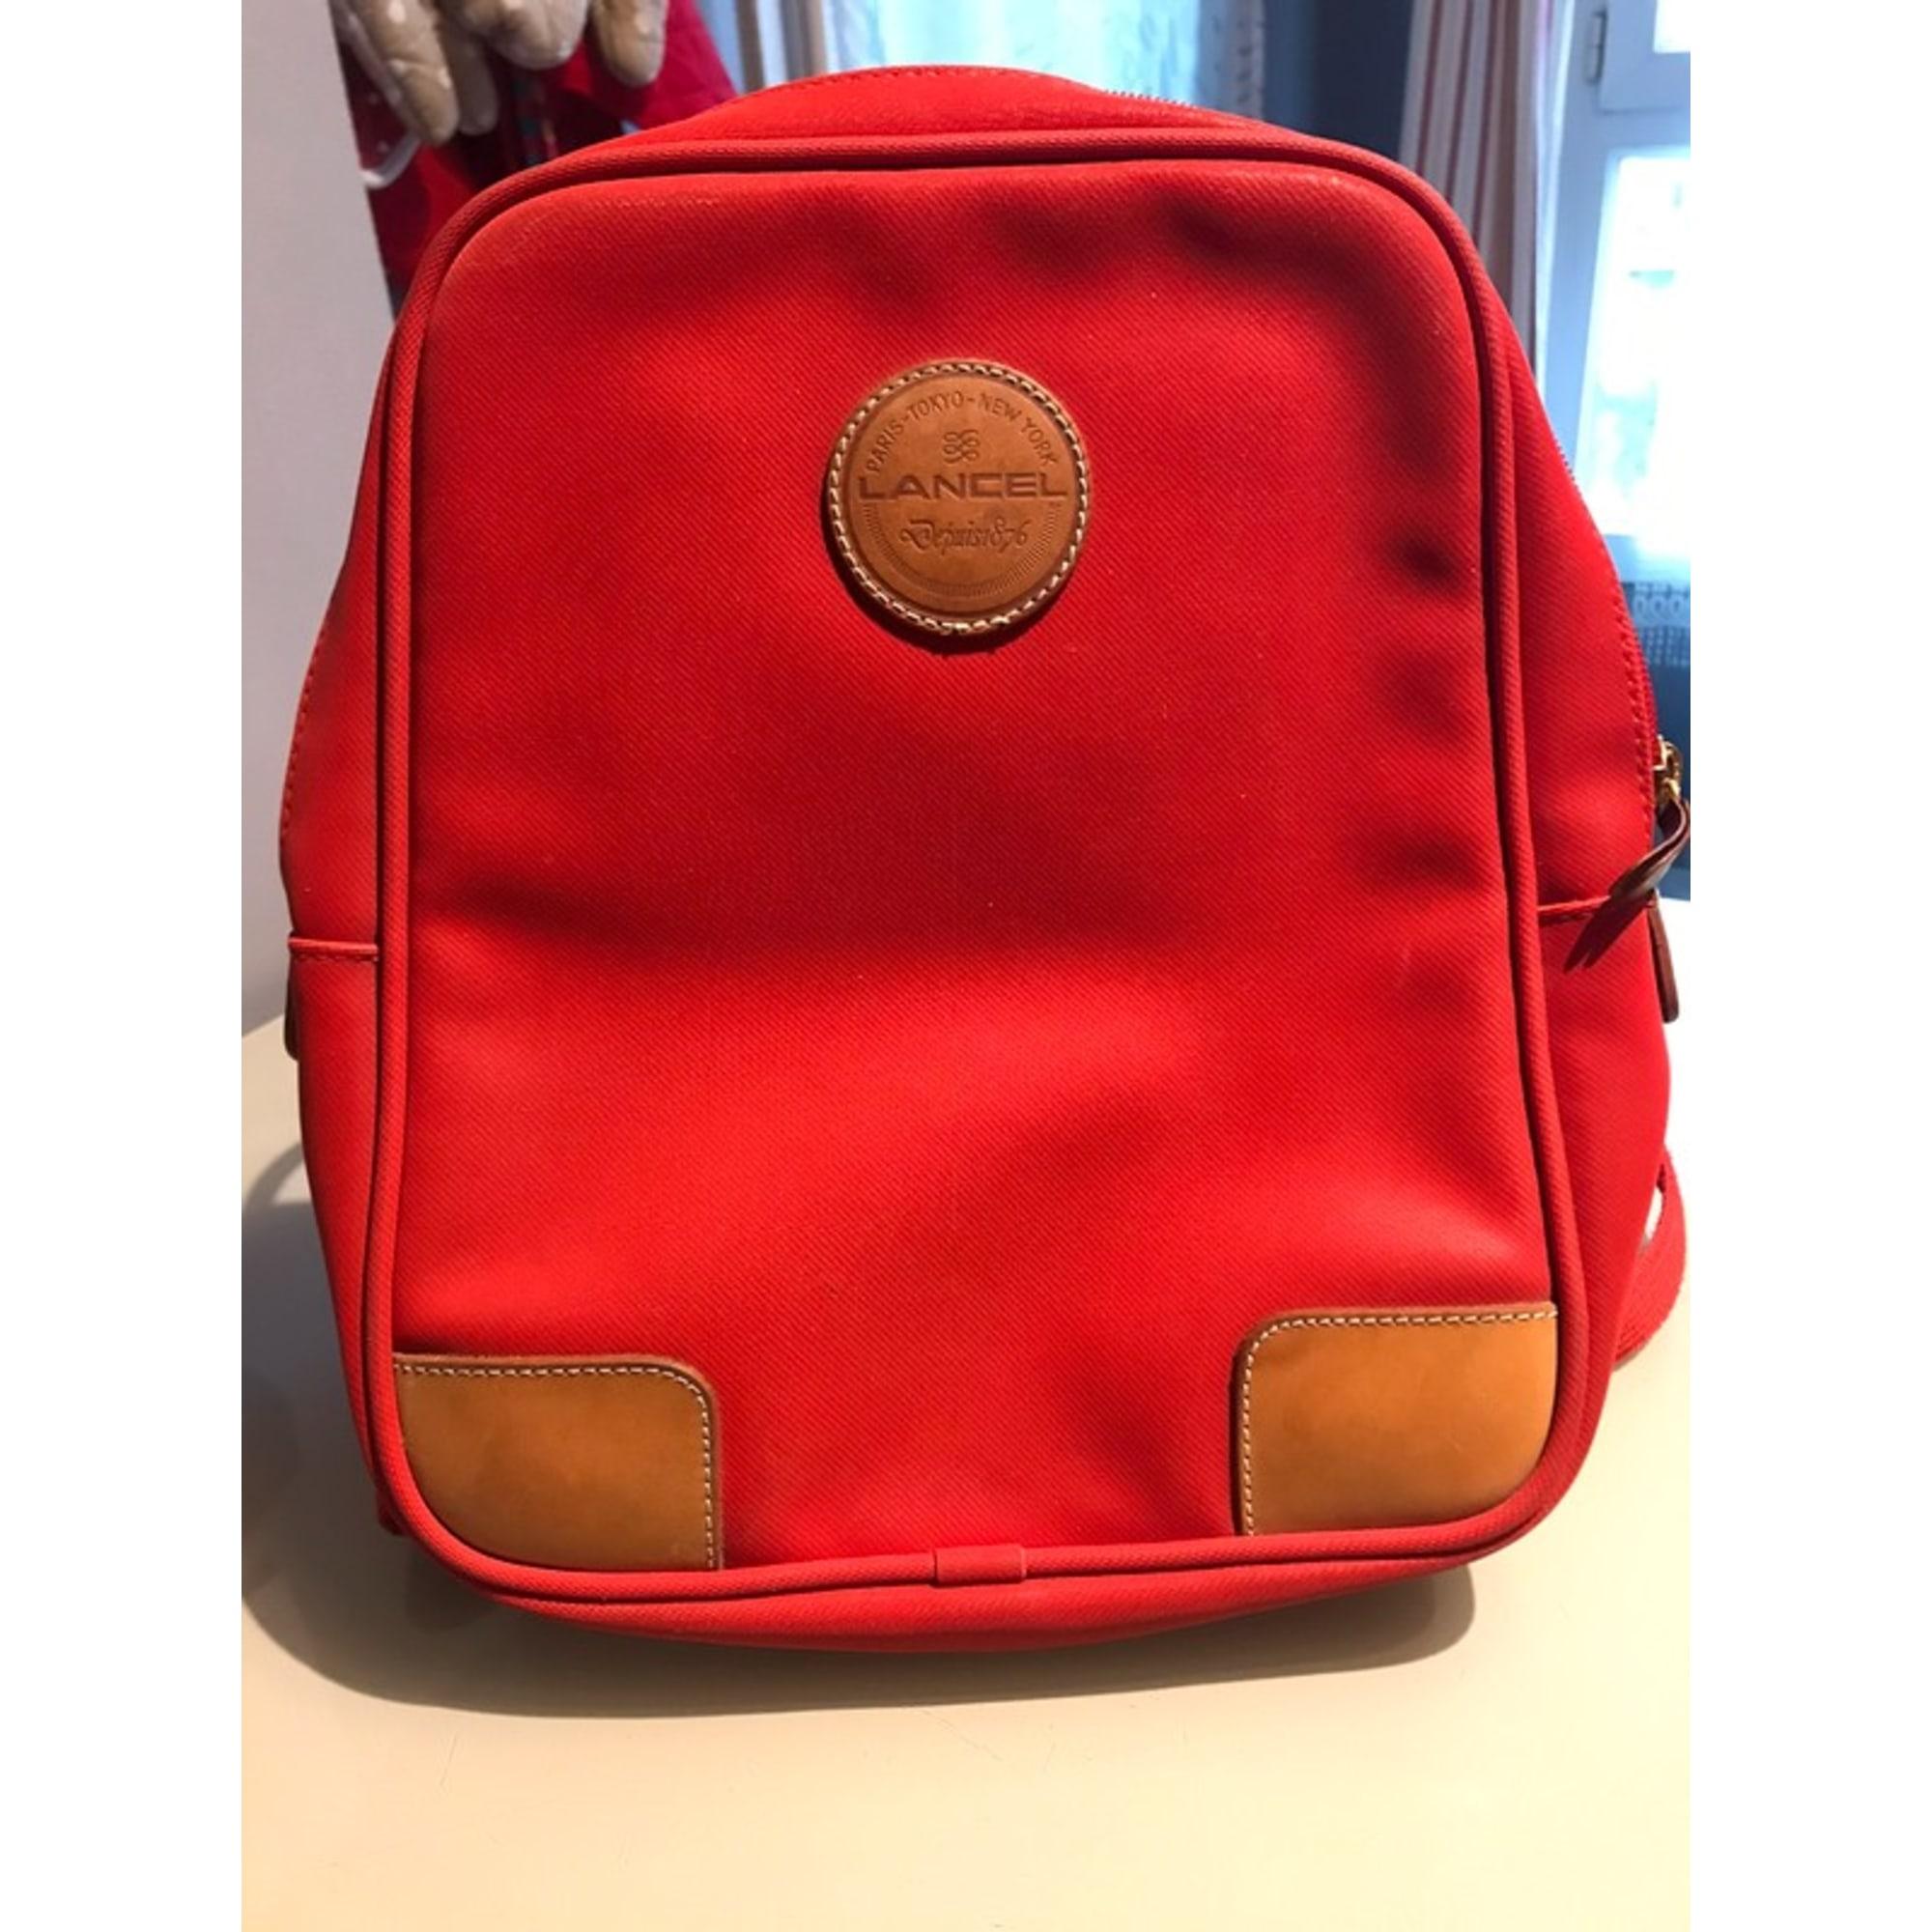 Backpack LANCEL Red, burgundy